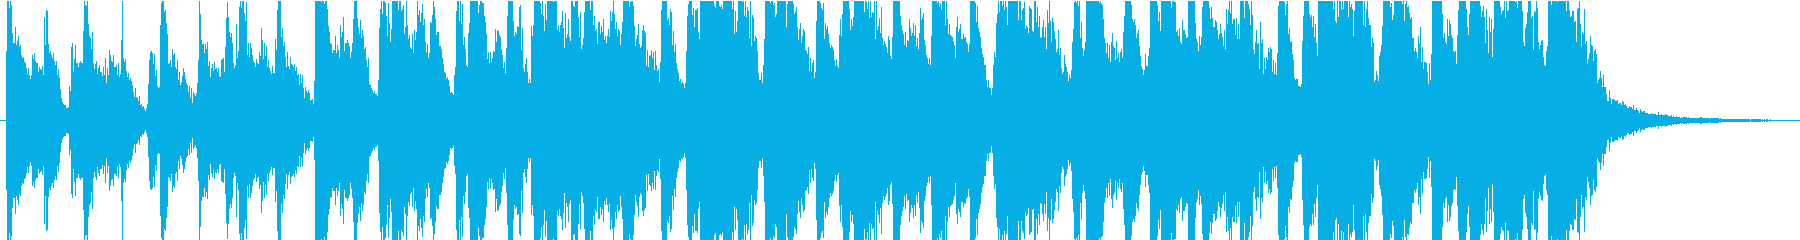 ティーン 代替案 ポップ アクティ...の再生済みの波形